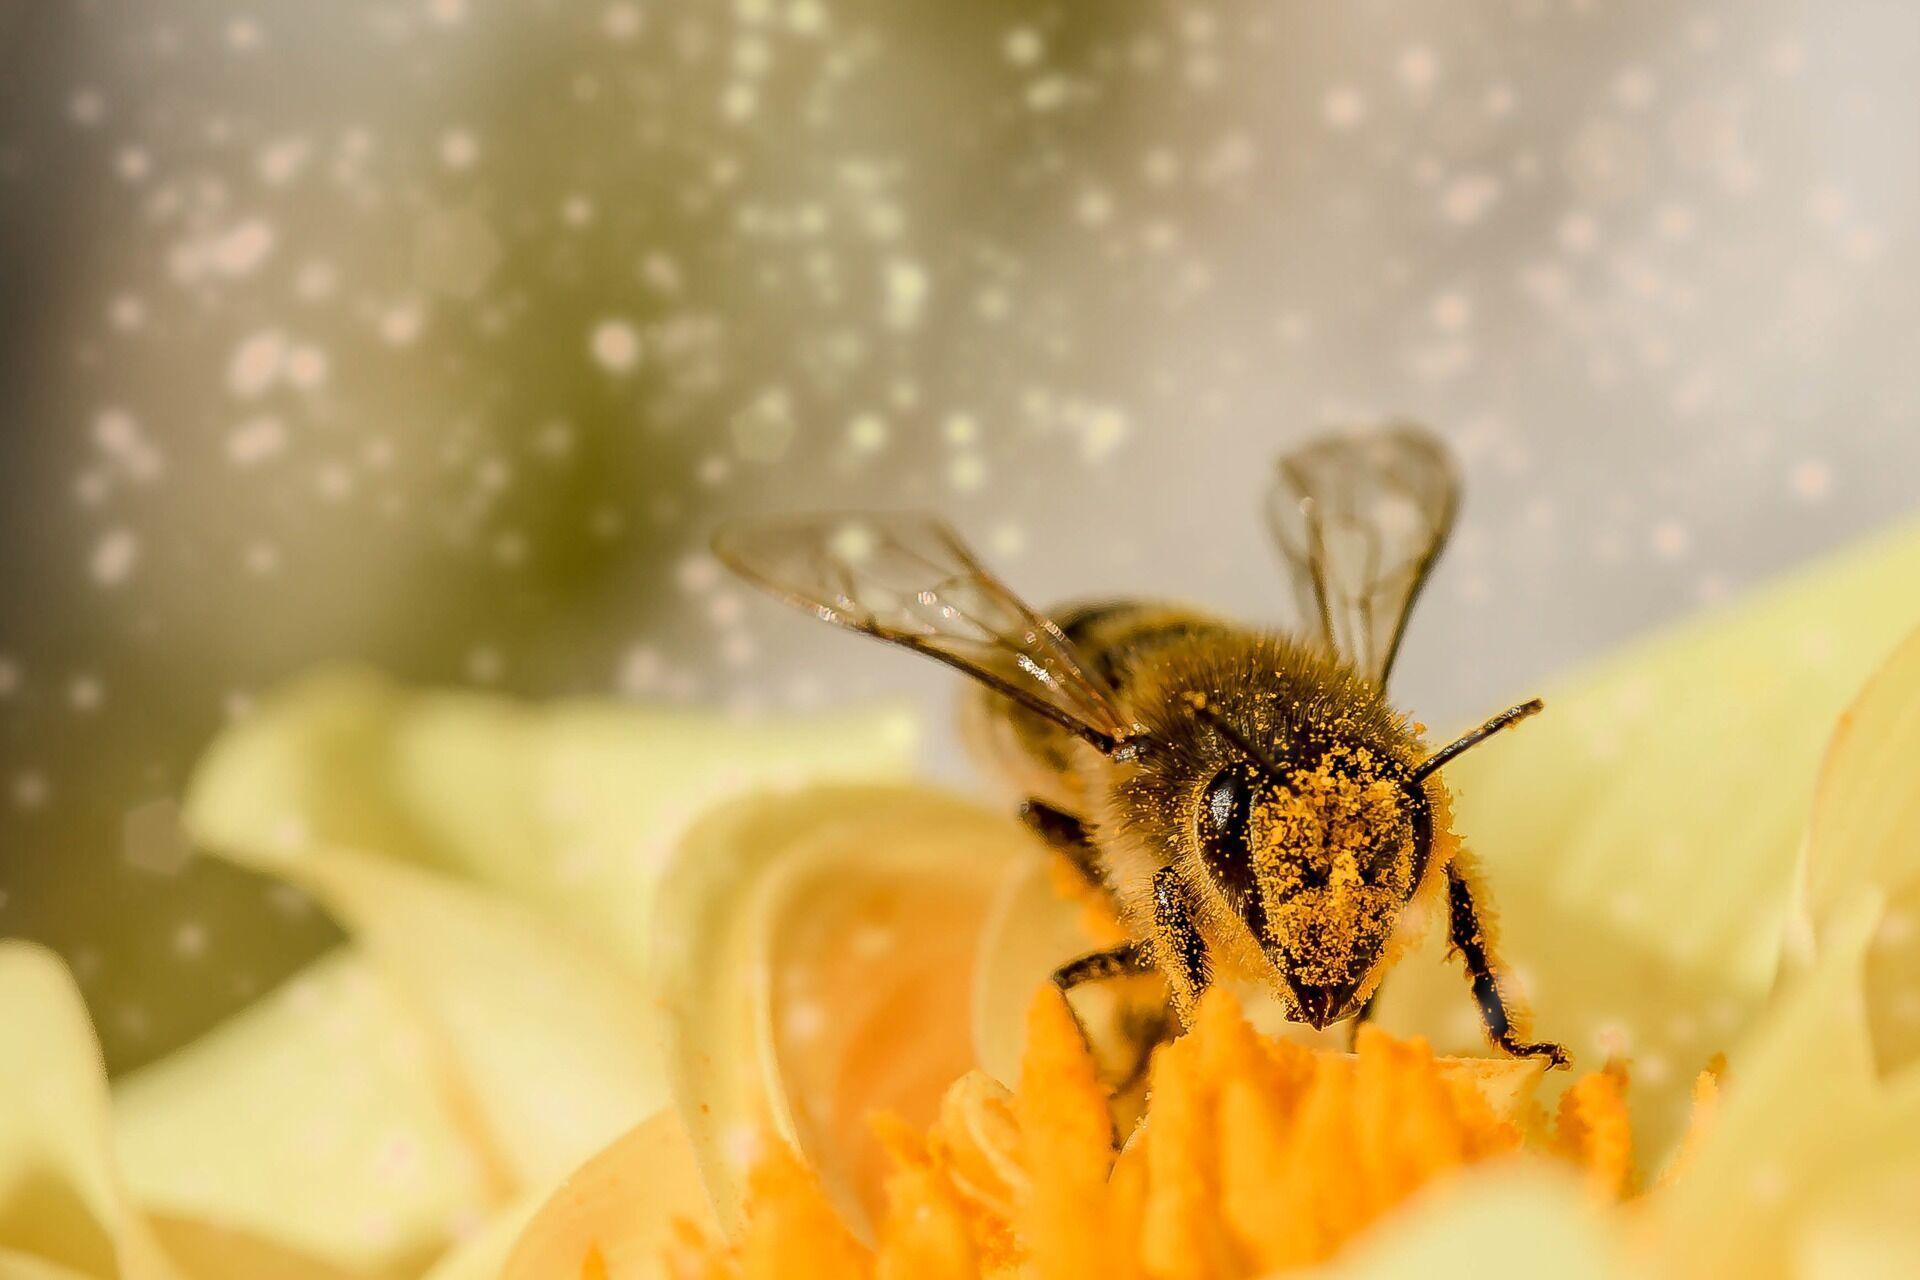 Лучший метод лечения укусов пчел – промыть место укуса и наложить холодный компресс